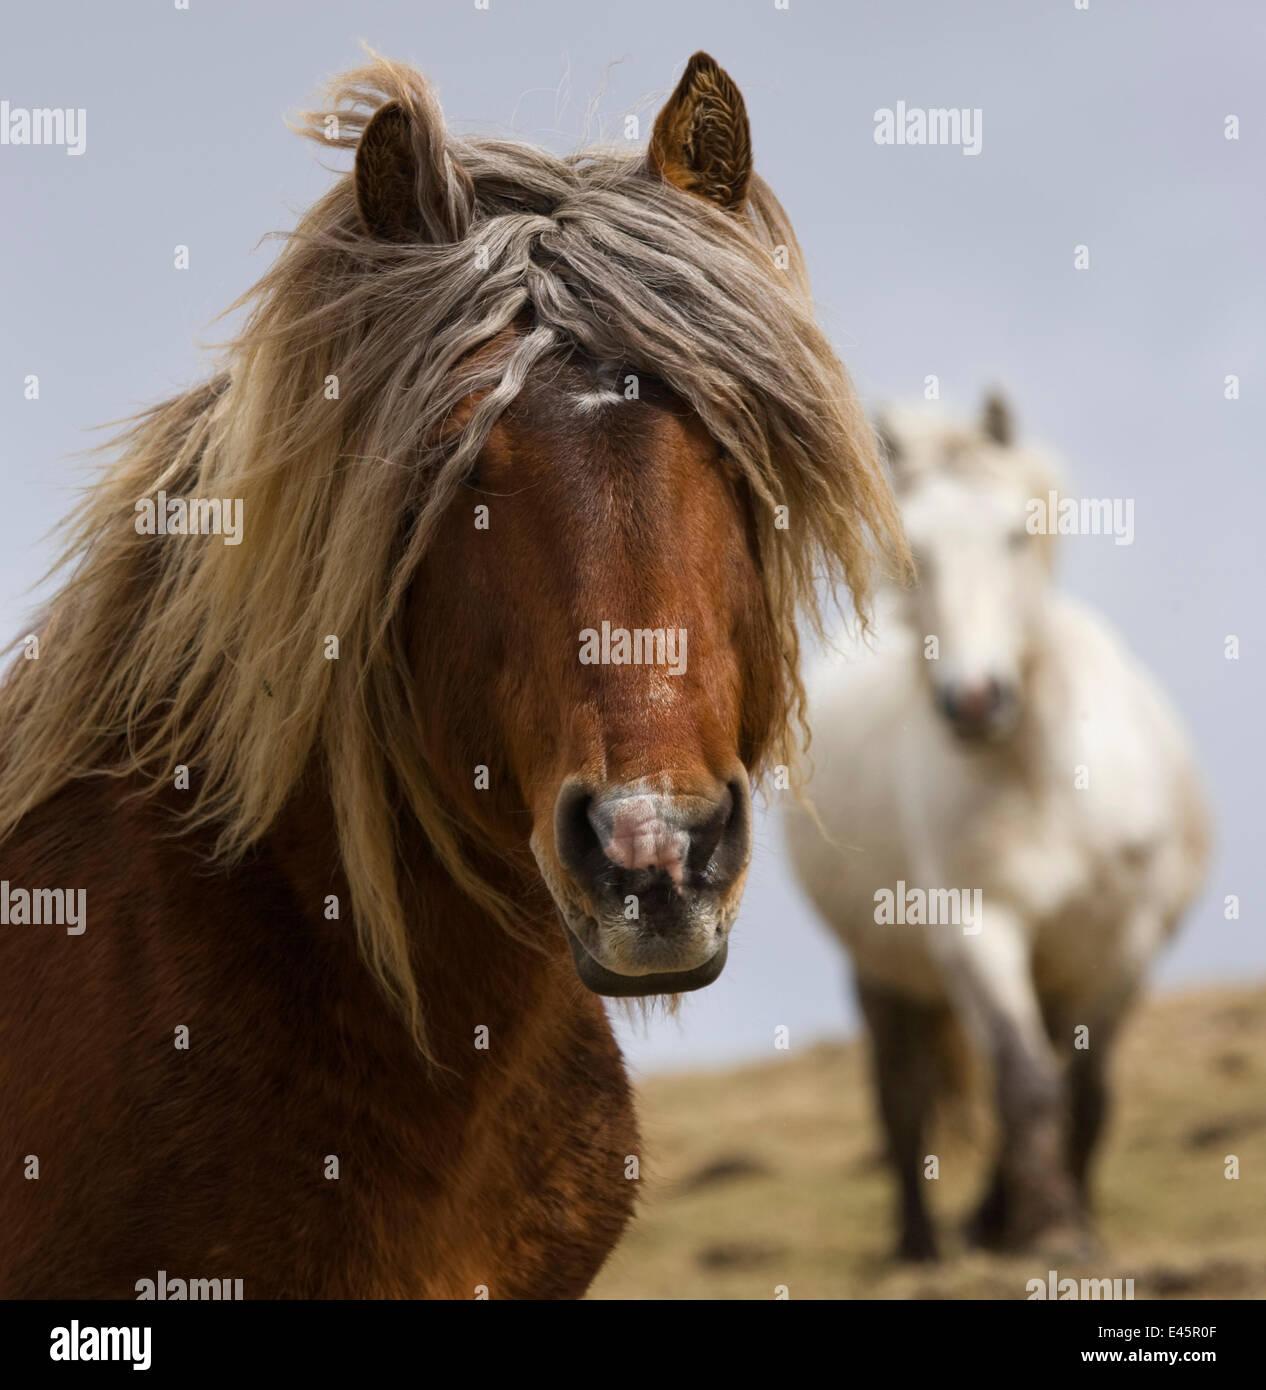 Kopfporträt einer Classic-Pony-Hengst (Equus Caballus) und eines seiner Stuten in der Auvergne, Frankreich. Stockbild